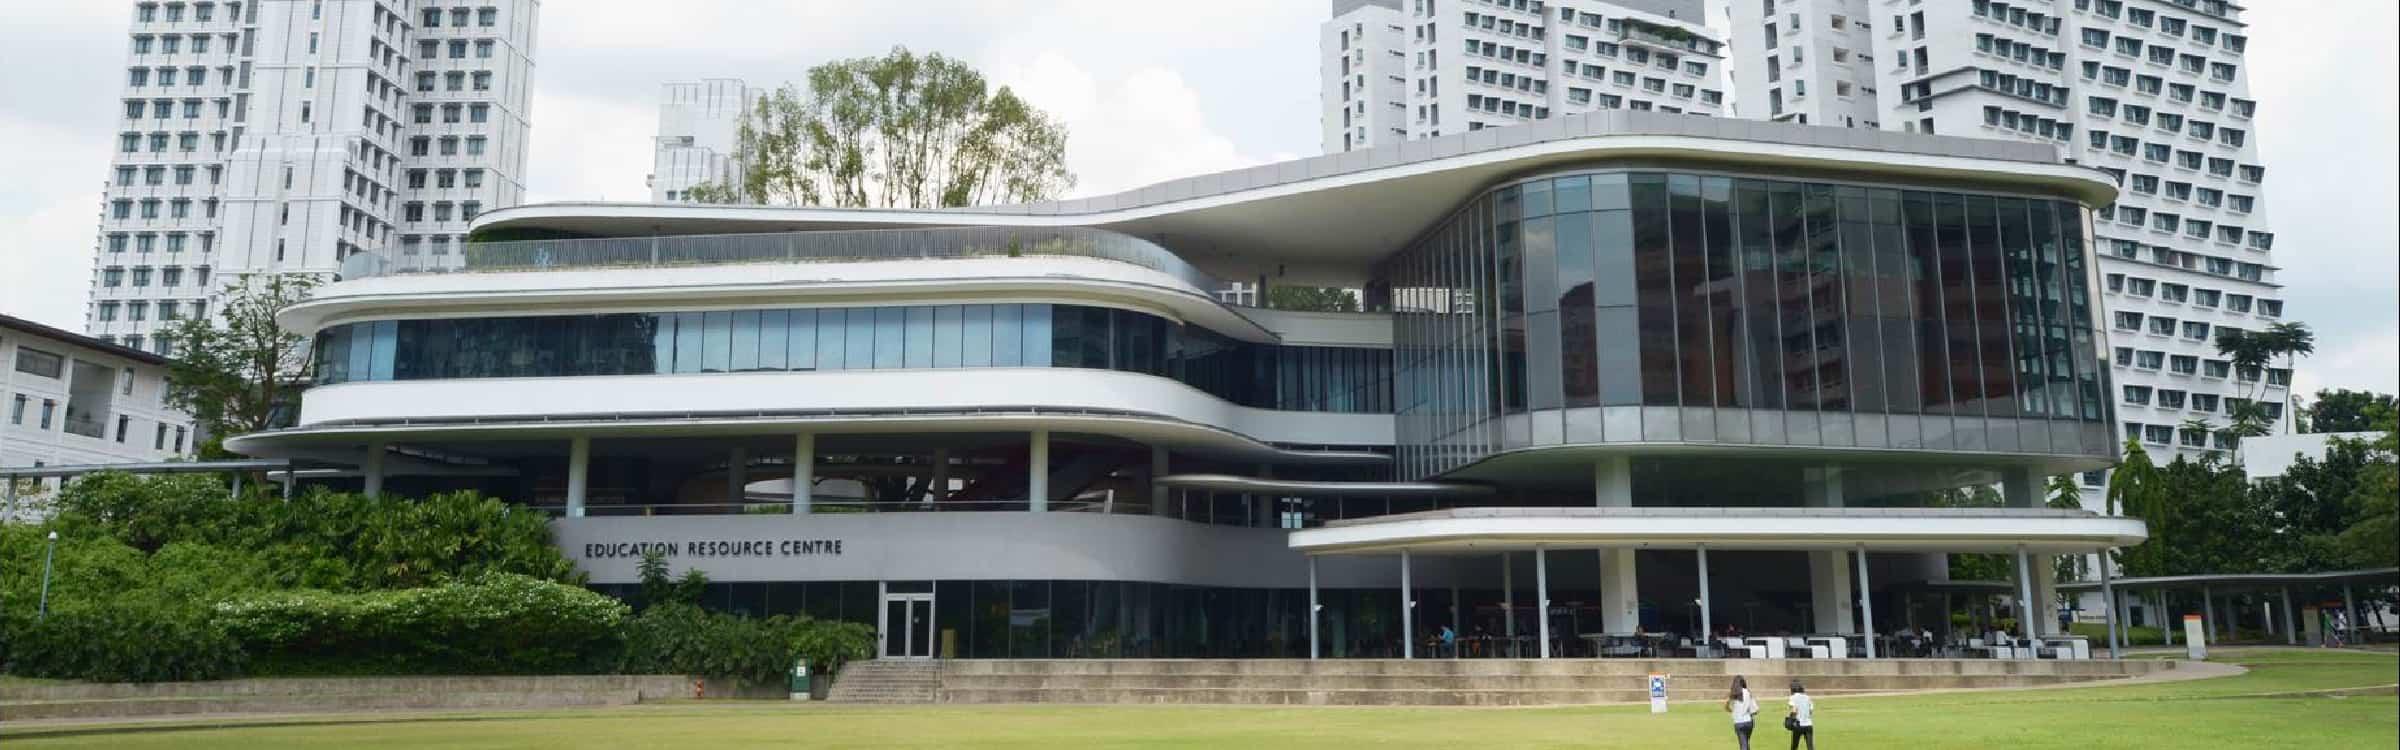 National-University-of-Singapore-2400-x-750